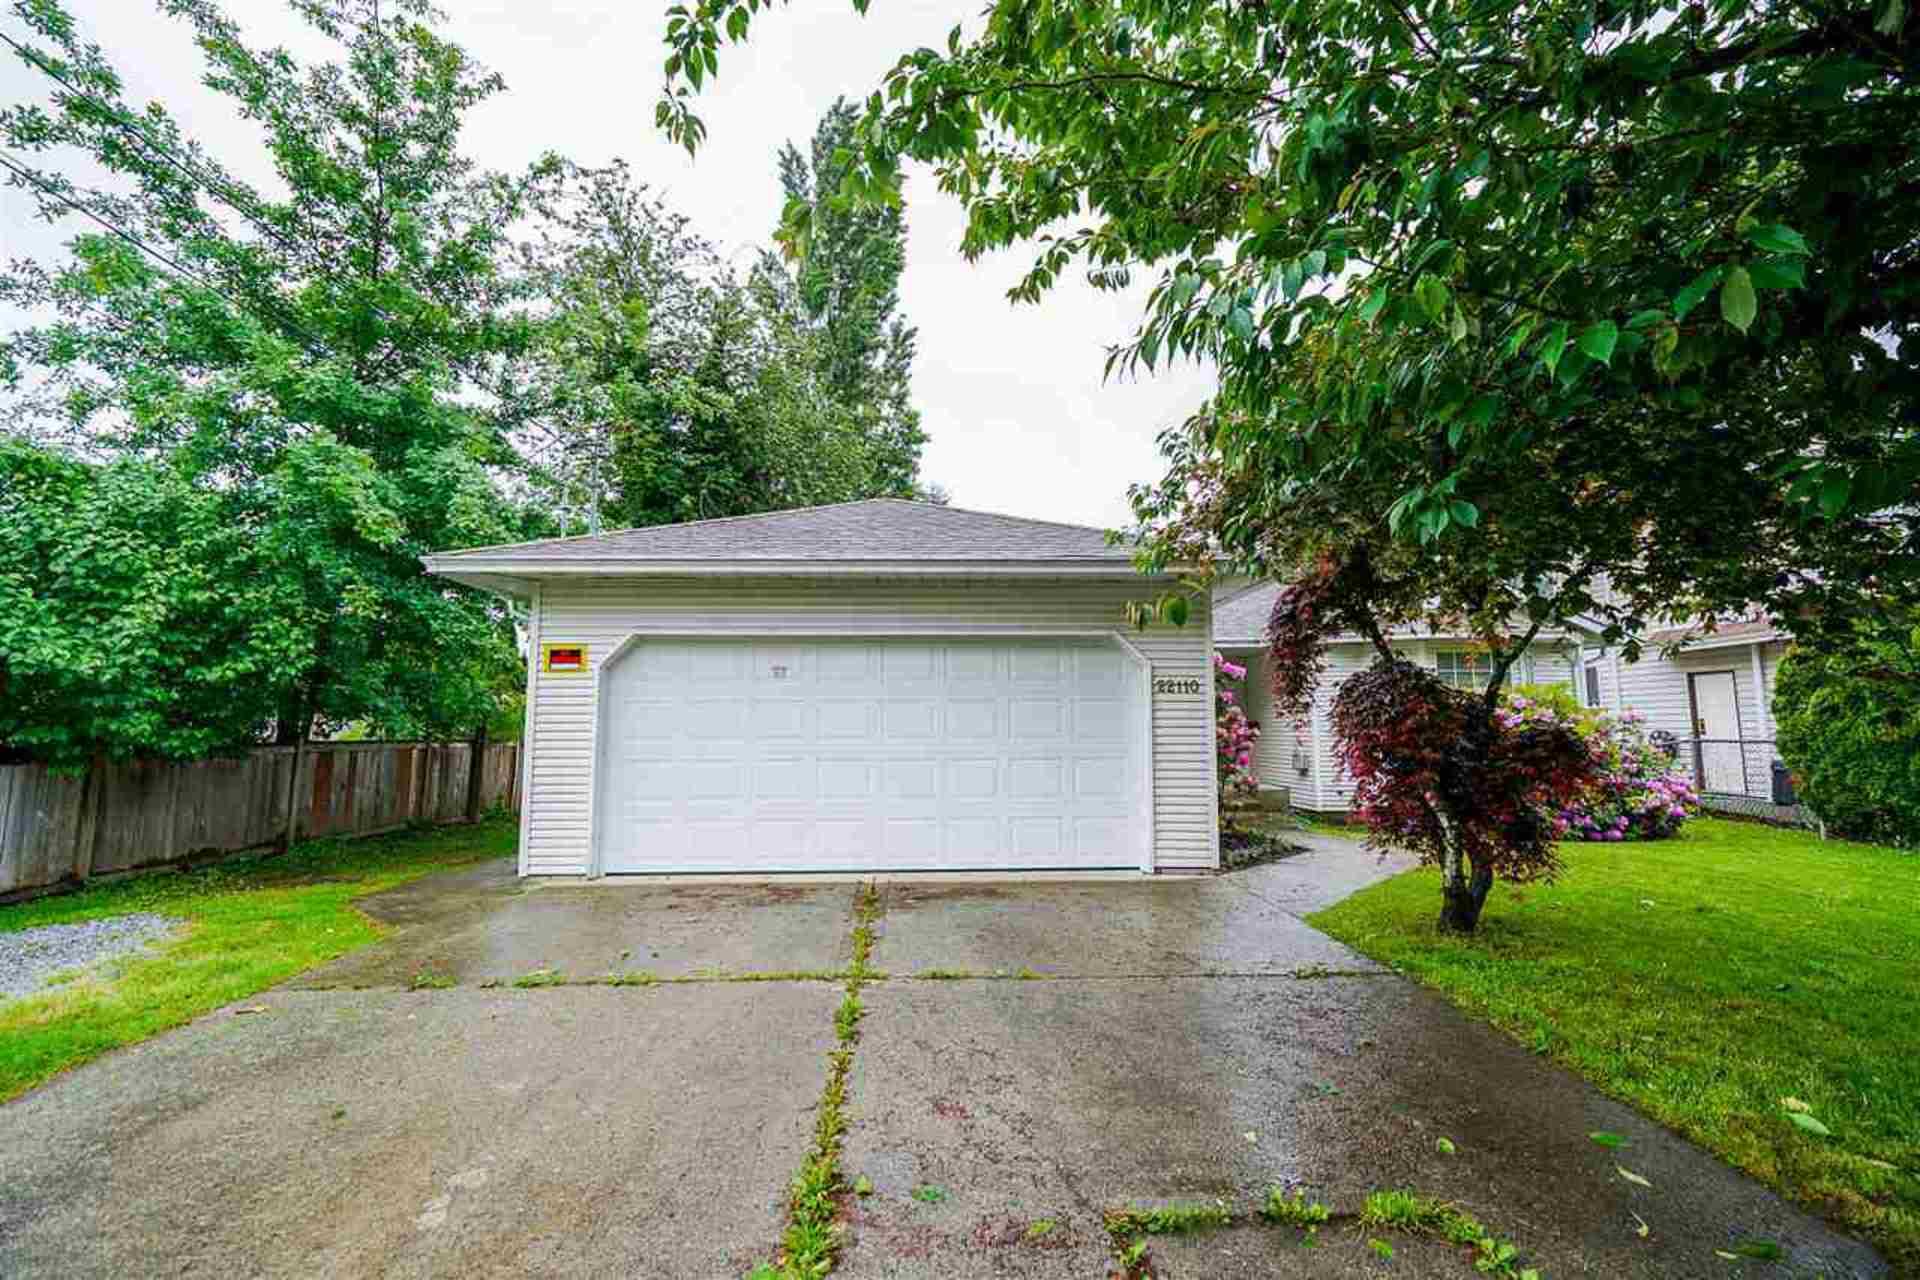 22110-122-avenue-west-central-maple-ridge-30 of 22110 122 Avenue, West Central, Maple Ridge